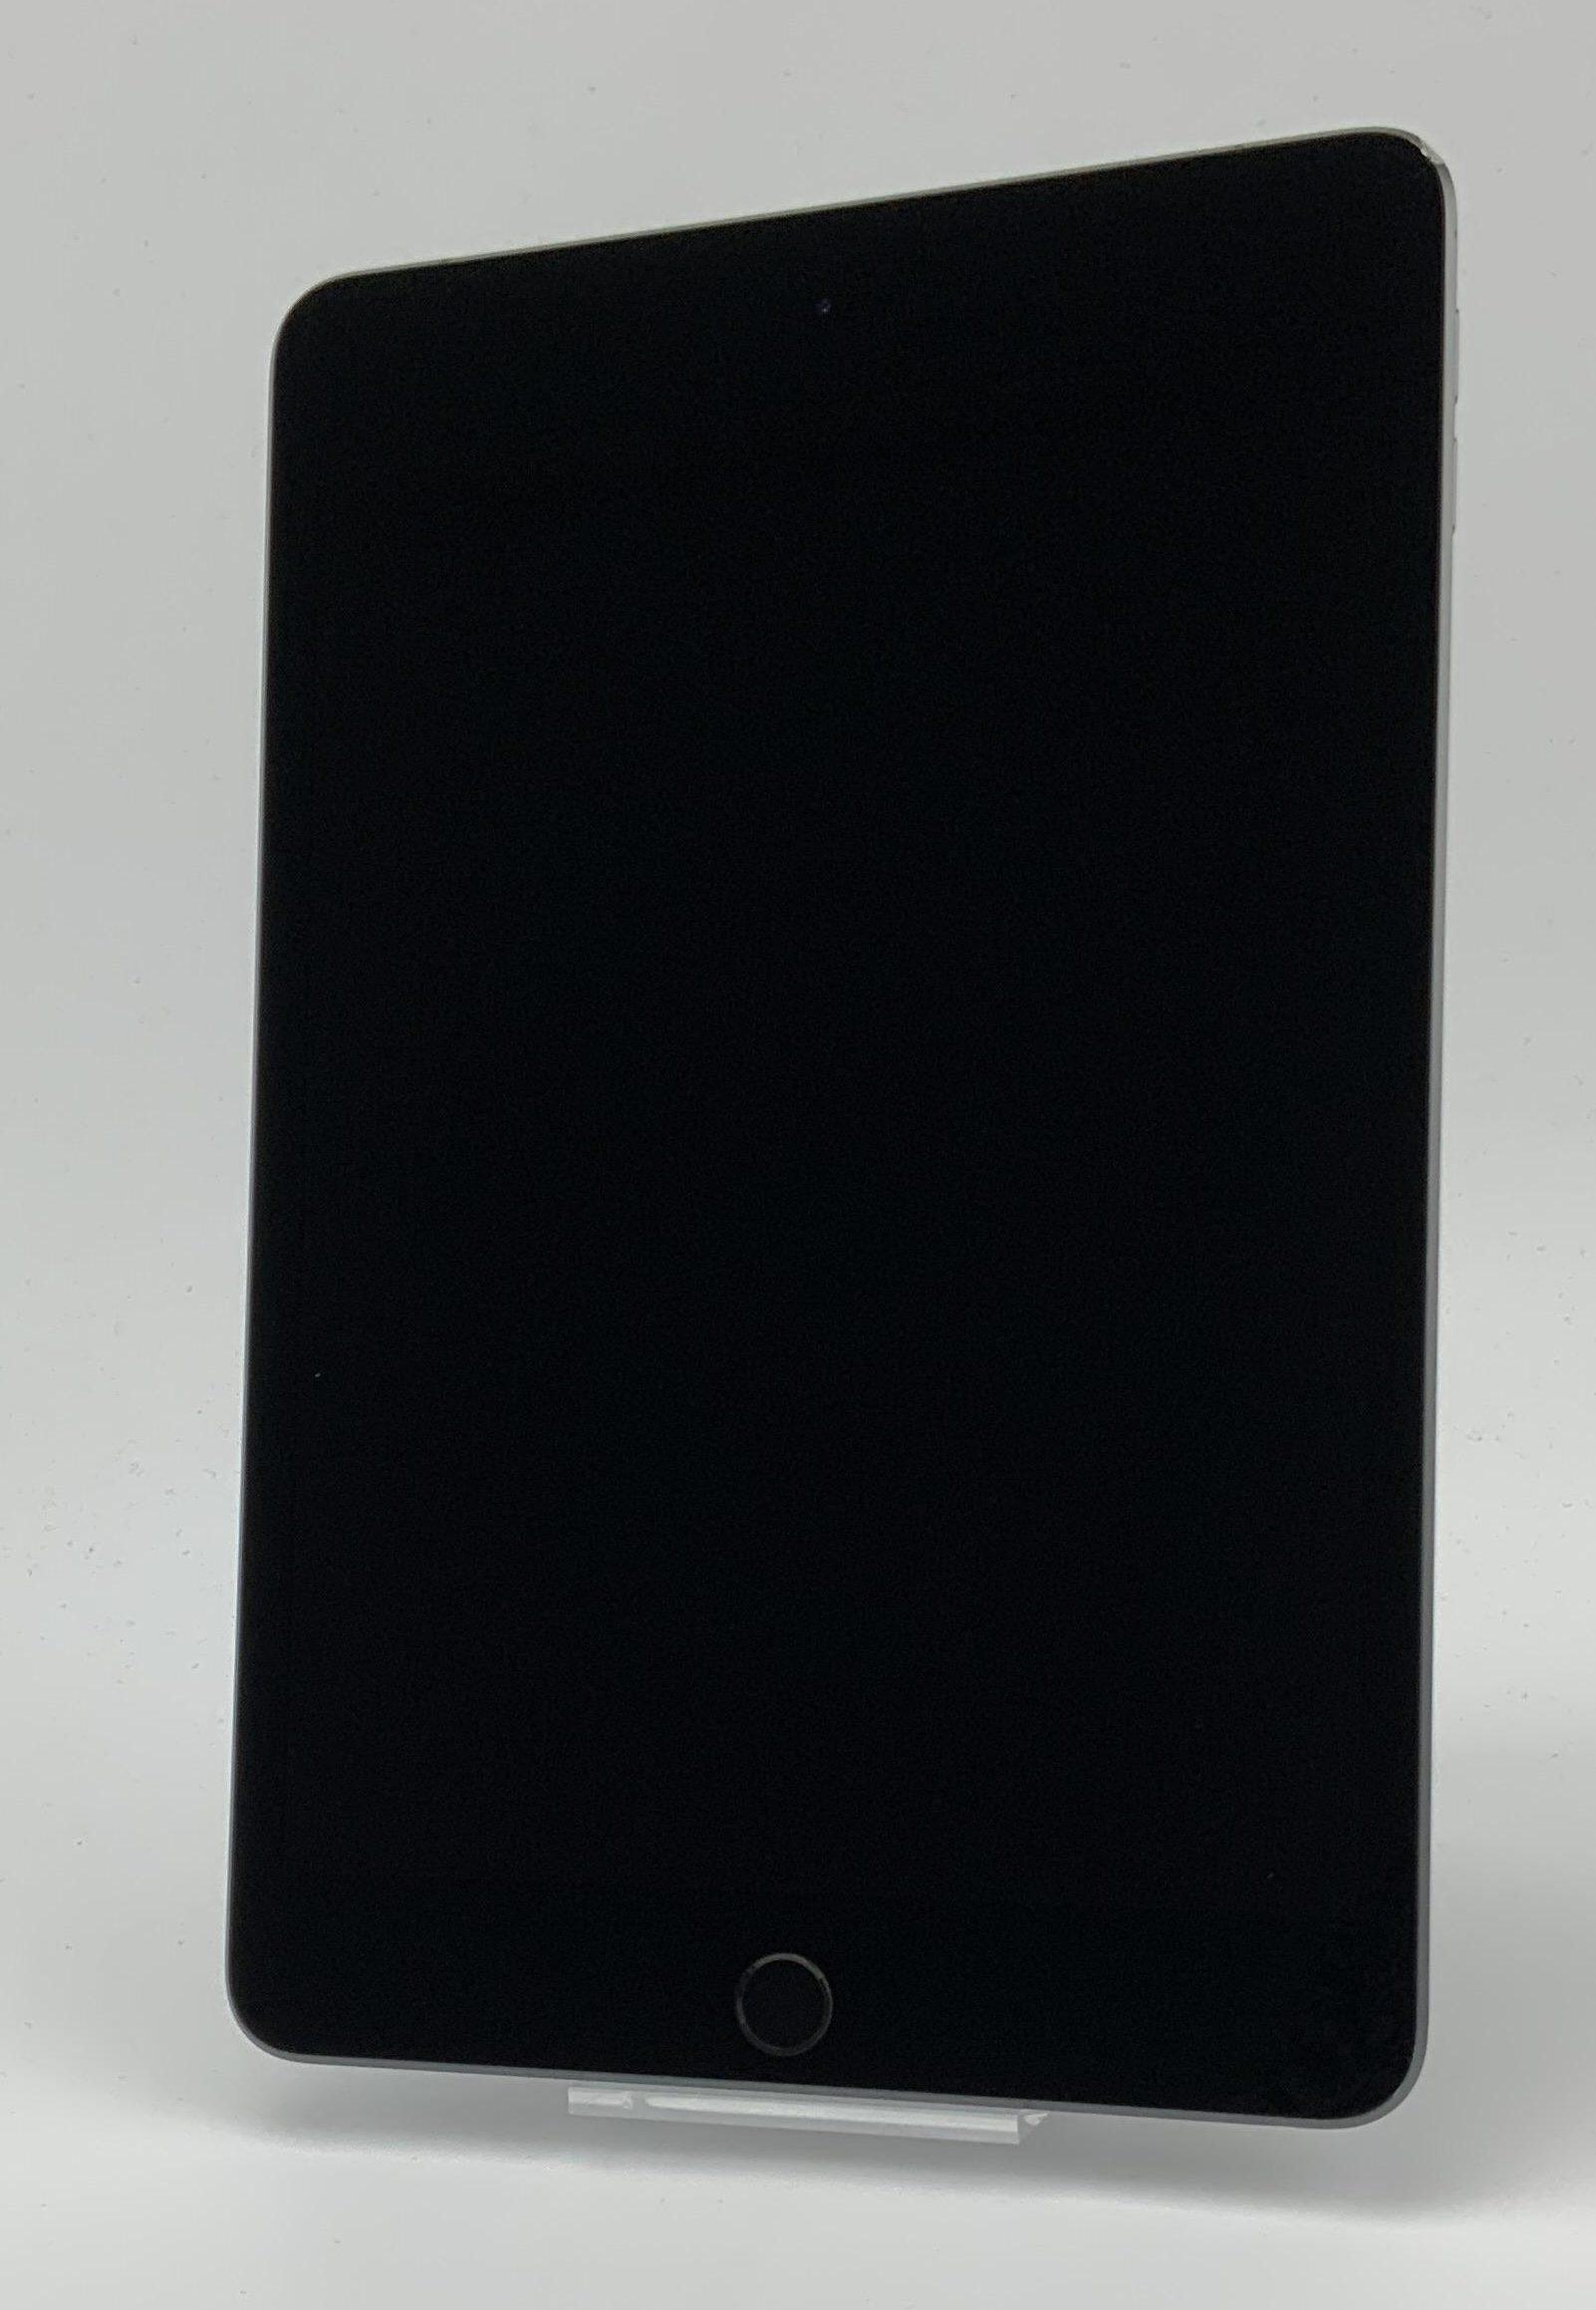 iPad mini 5 Wi-Fi + Cellular 64GB, 64GB, Space Gray, Bild 1